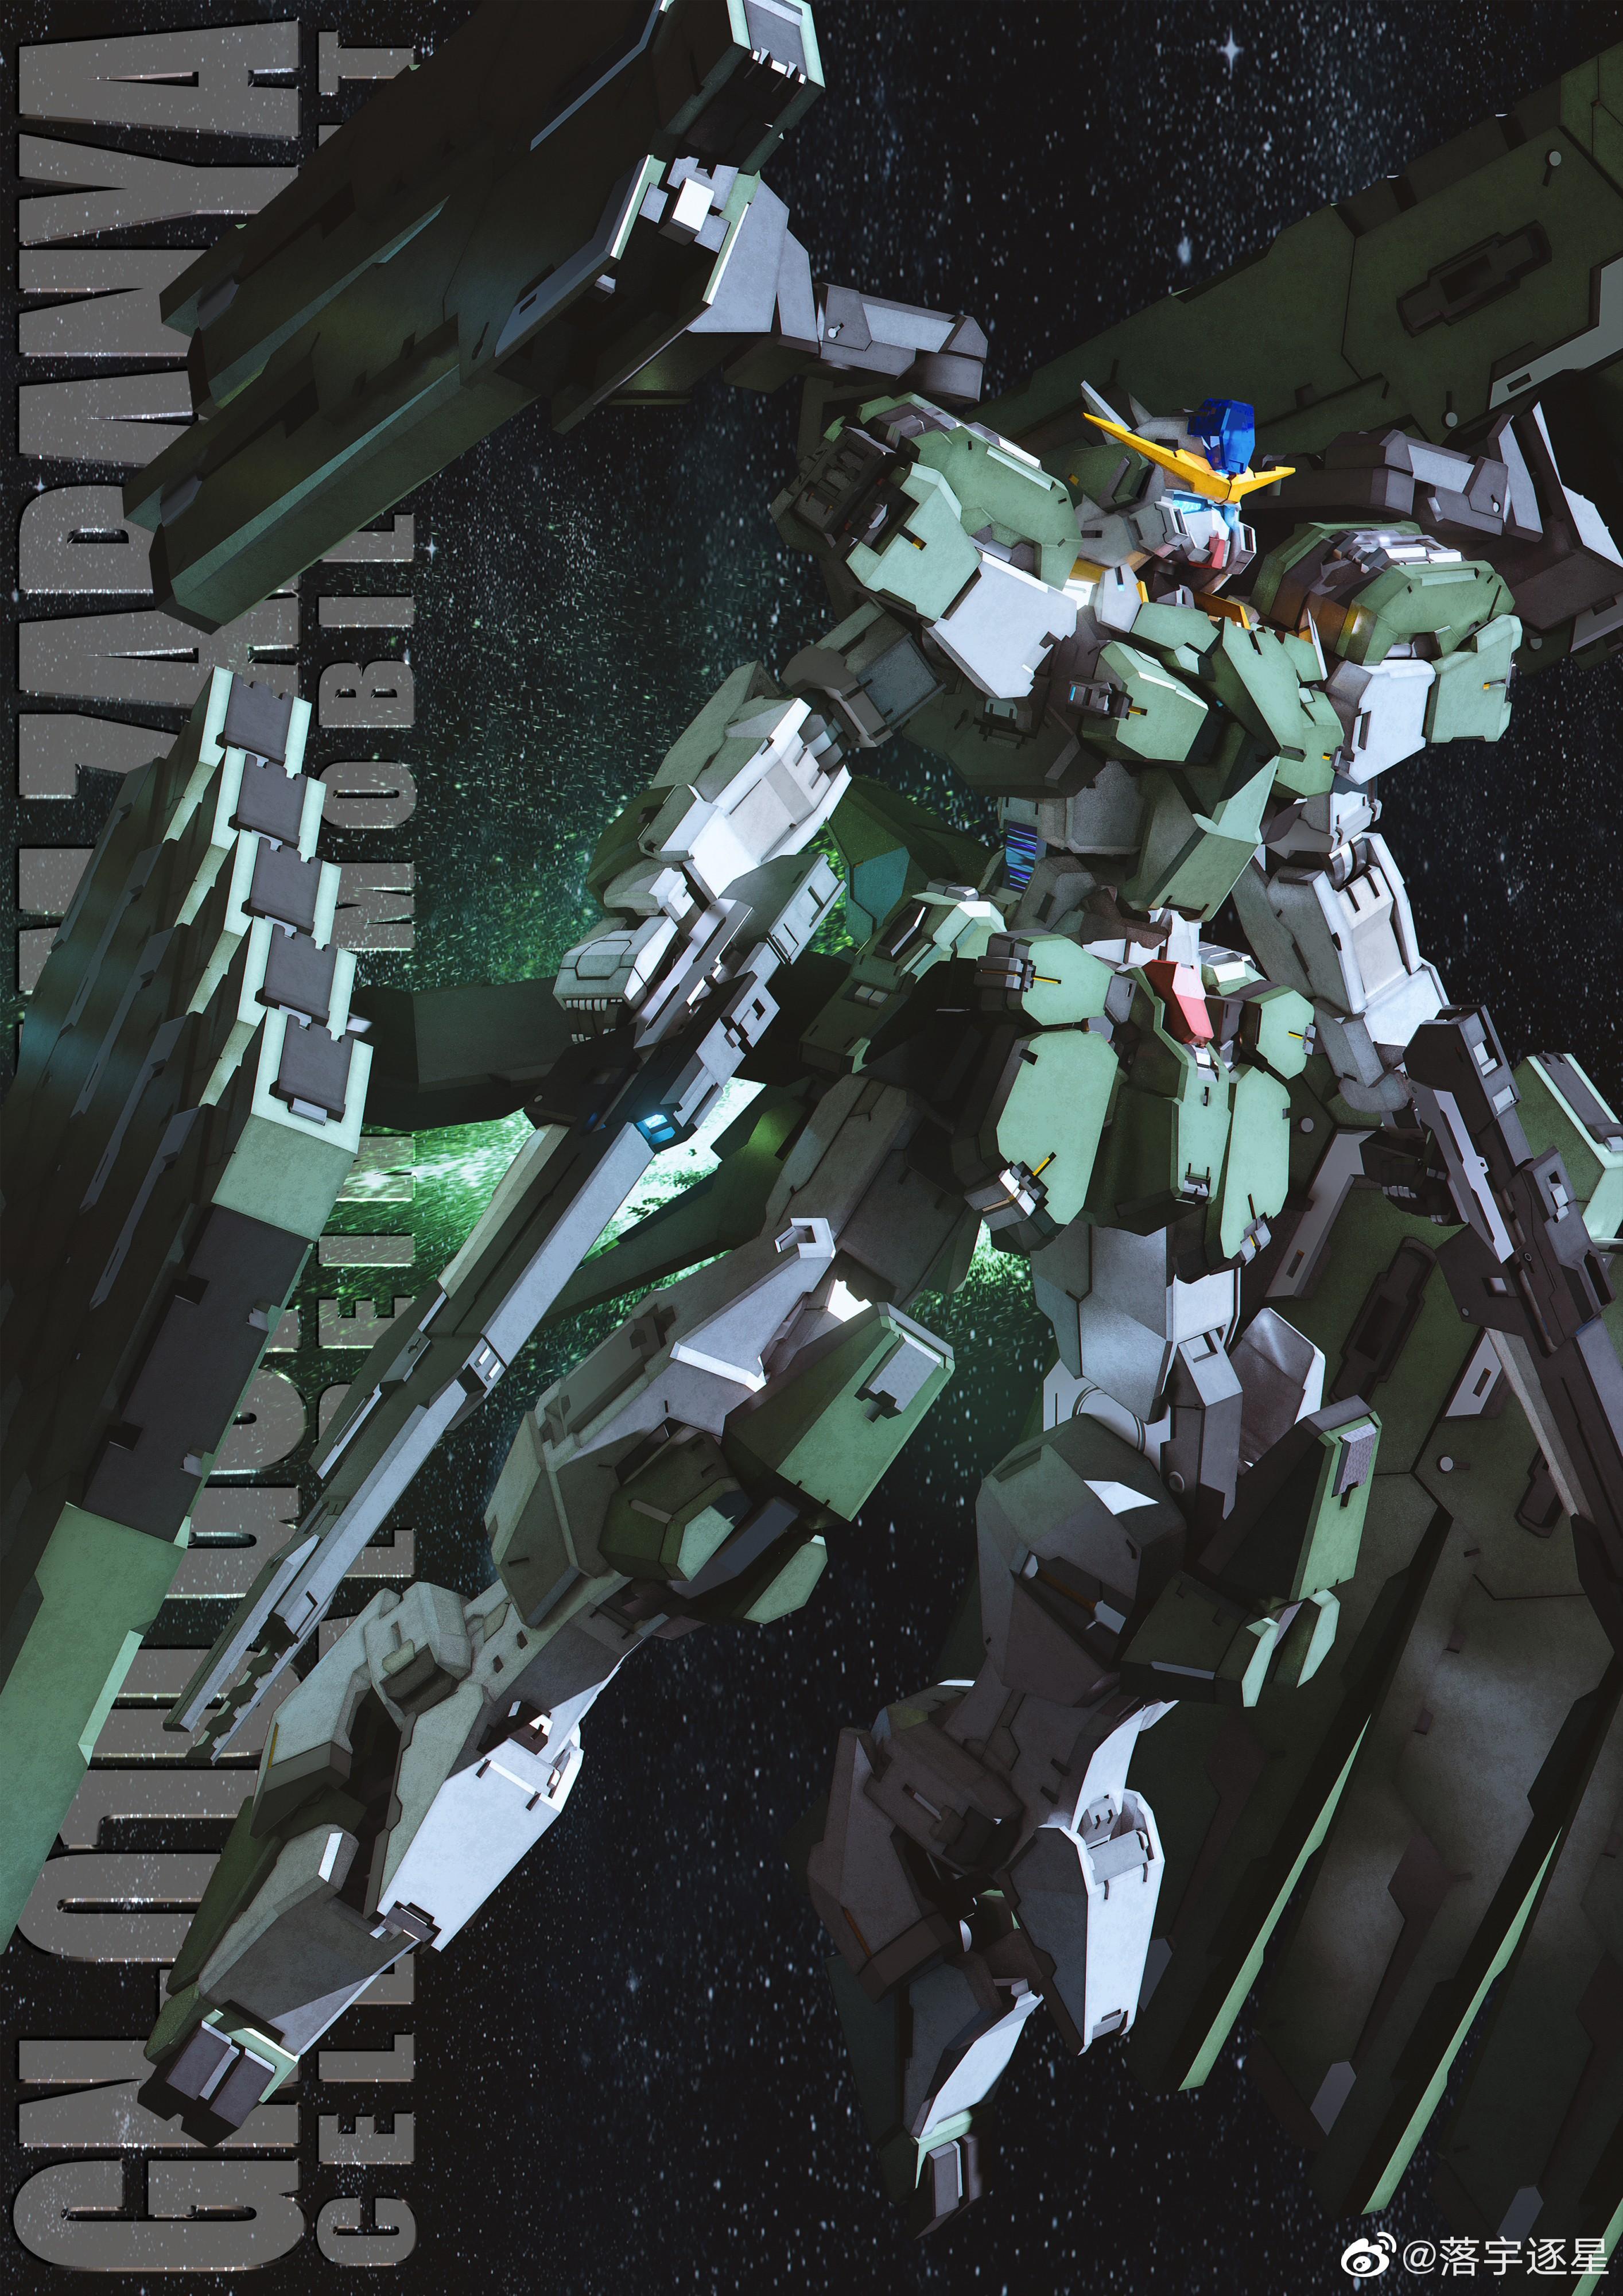 G652_3_GN_010_OO_Gundam_Zabanya_014.jpg